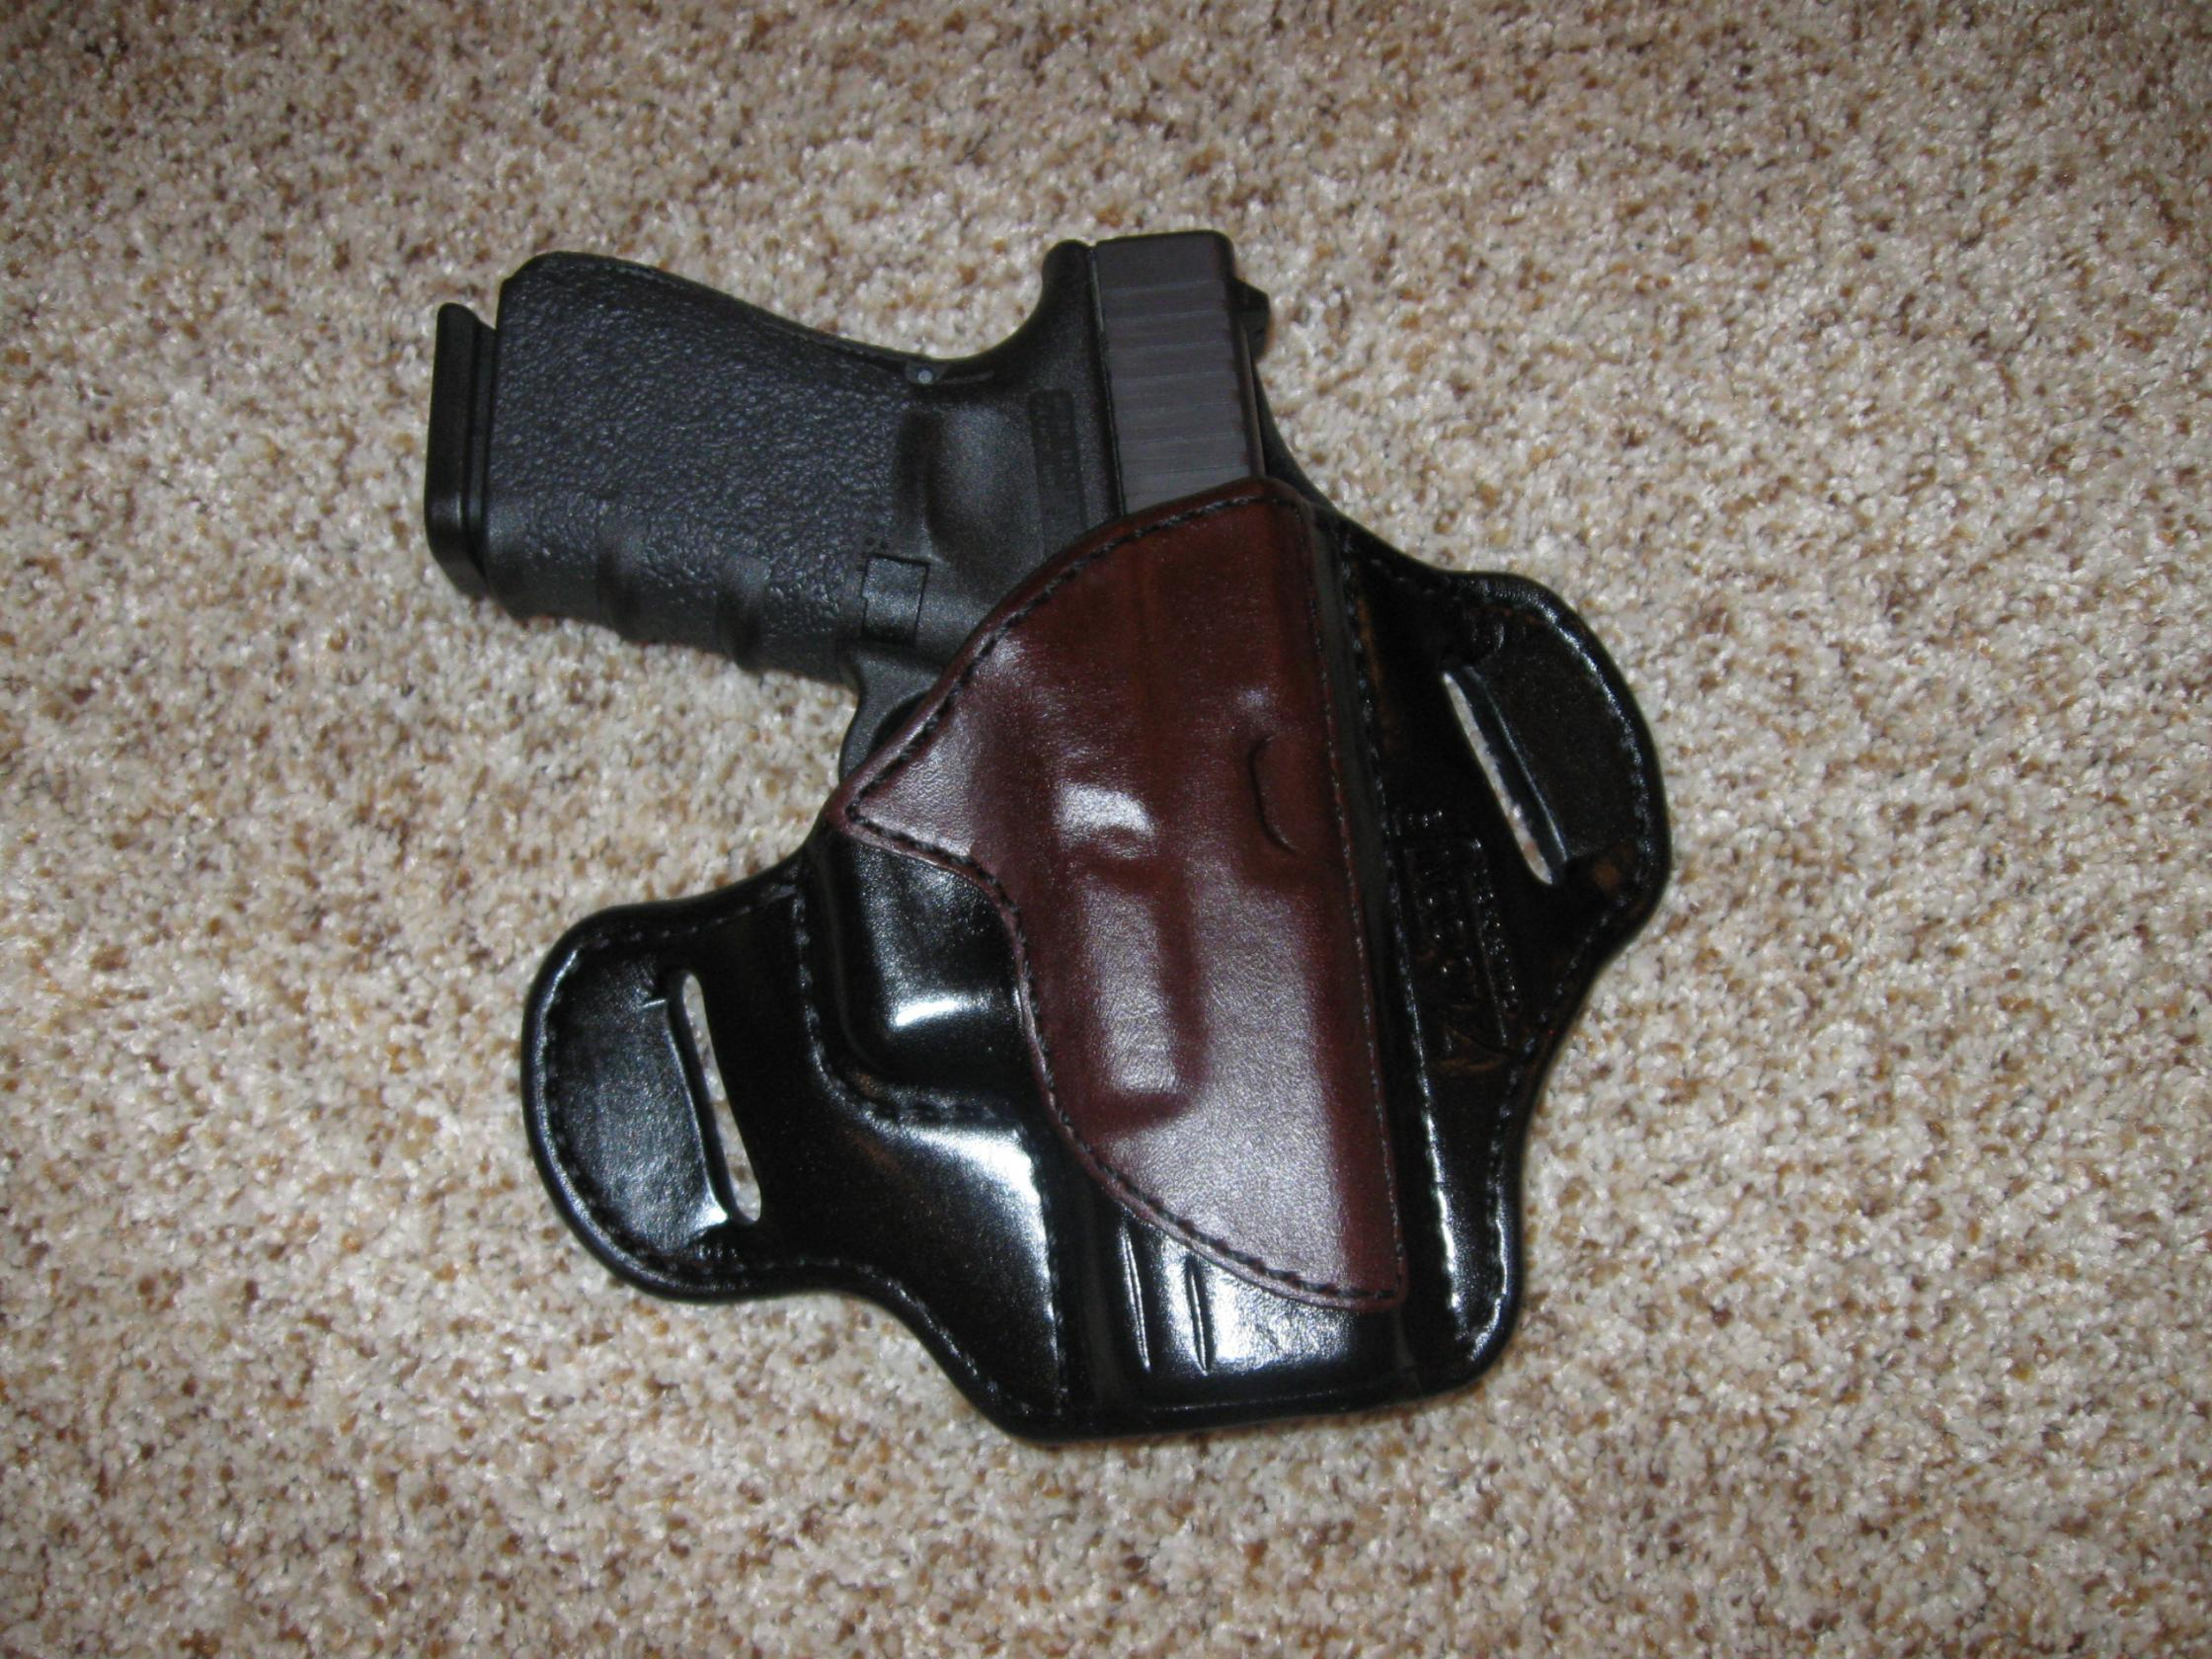 New holster for my G19-img_0636.jpg